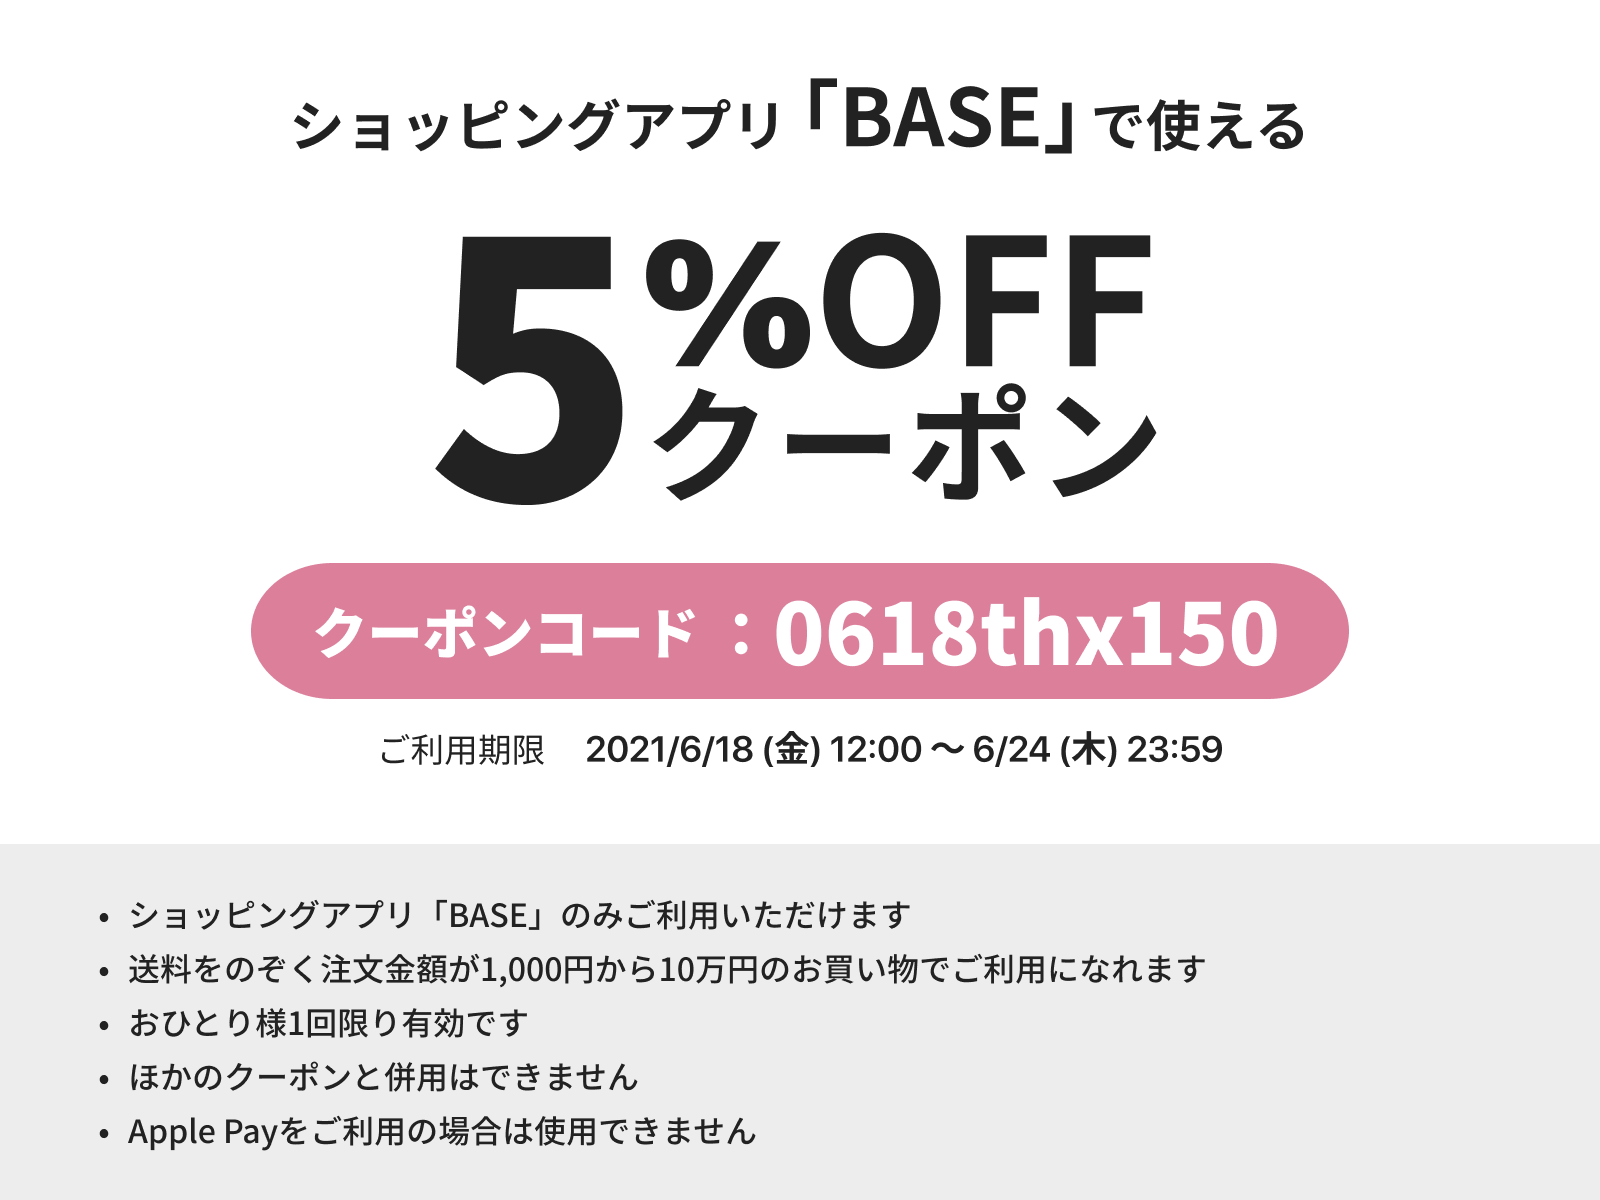 【6/18~6/24 期間限定!】 5%OFFクーポンをプレゼント